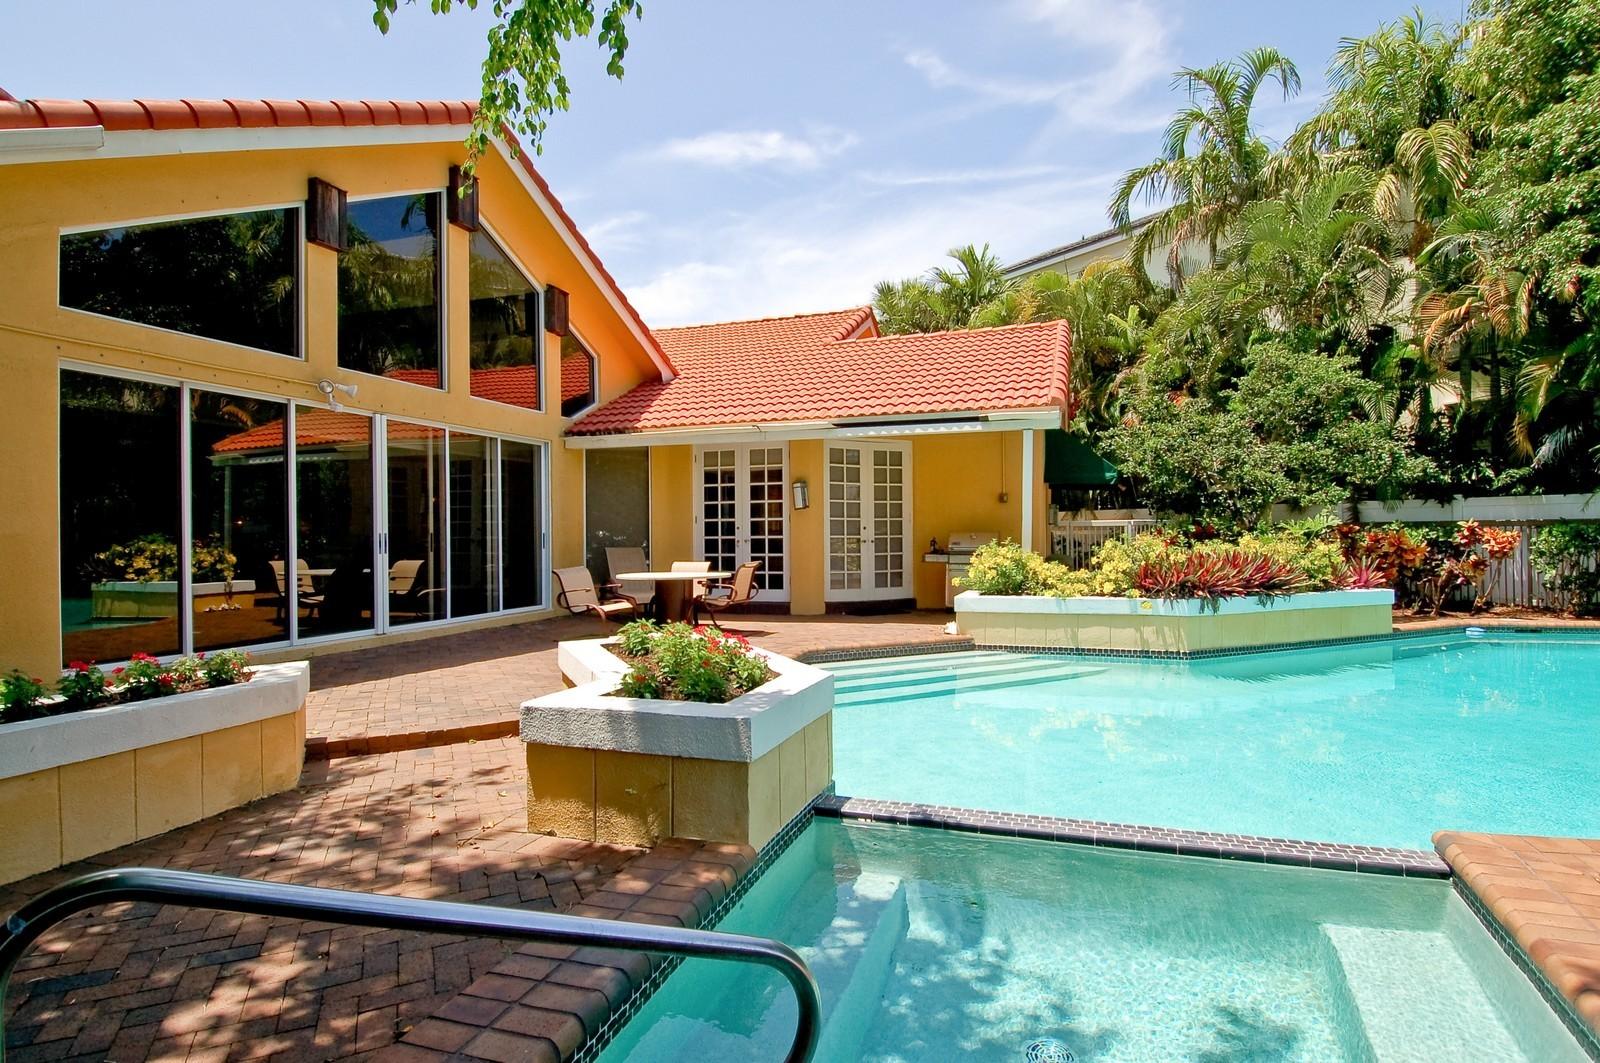 Real Estate Photography - 4798 Sanctuary Ln, Boca Raton, FL, 33431 - Rear View